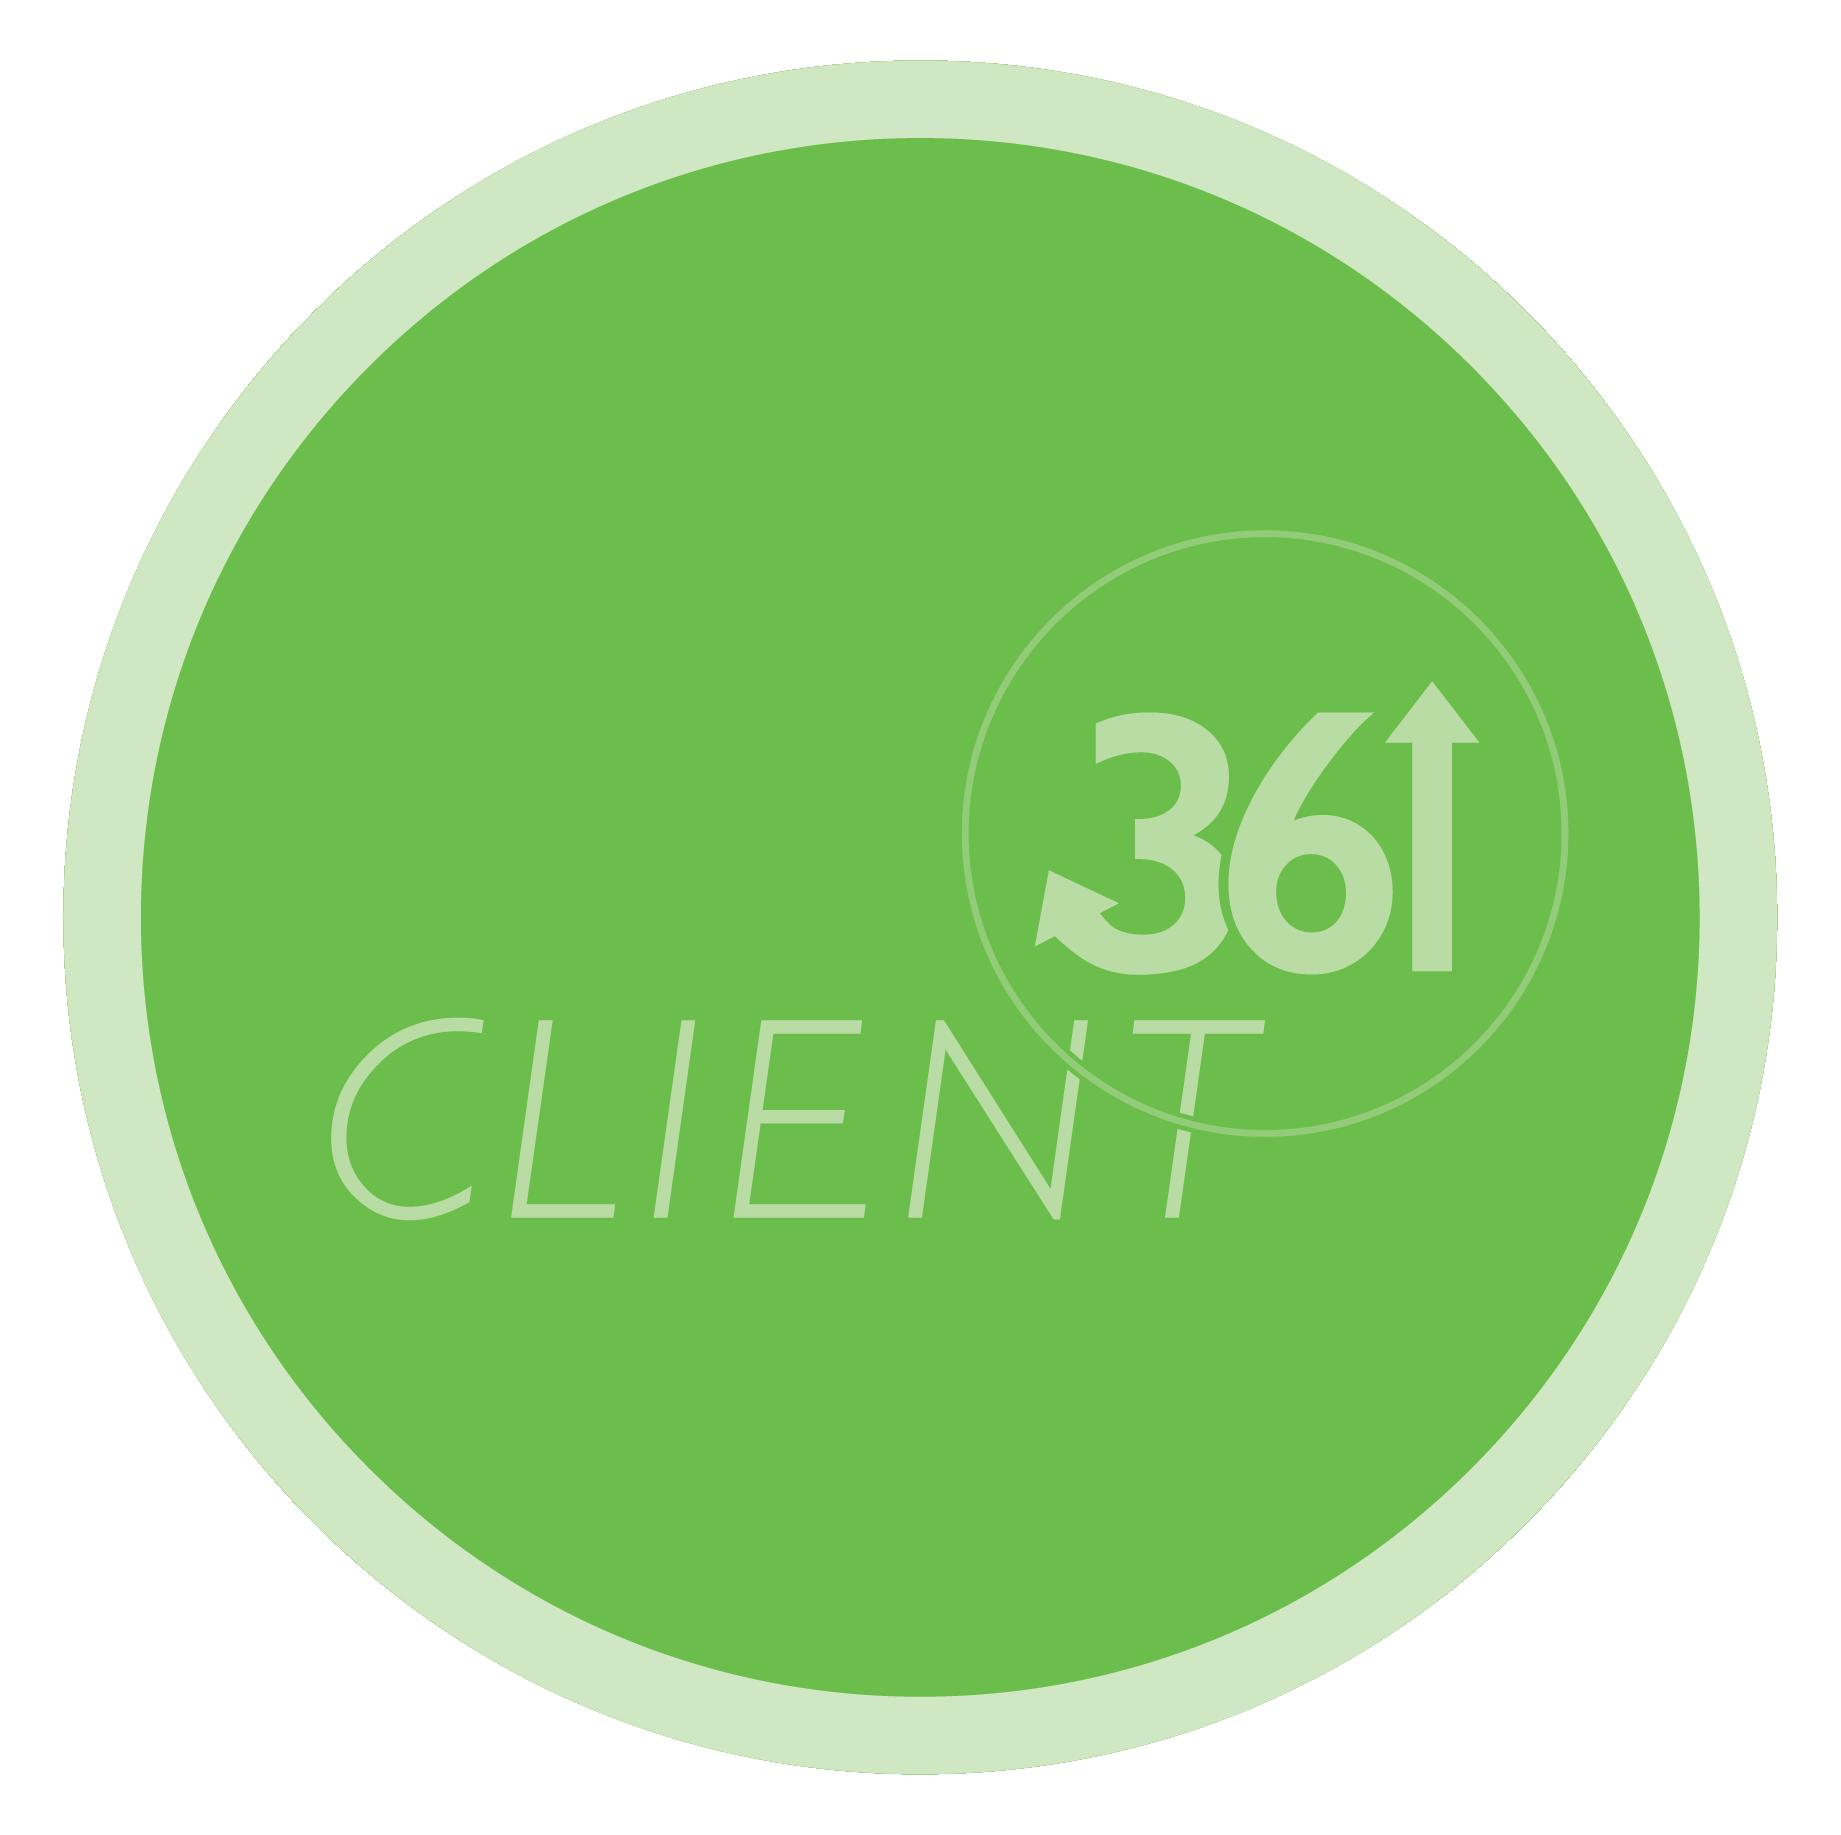 Client 361